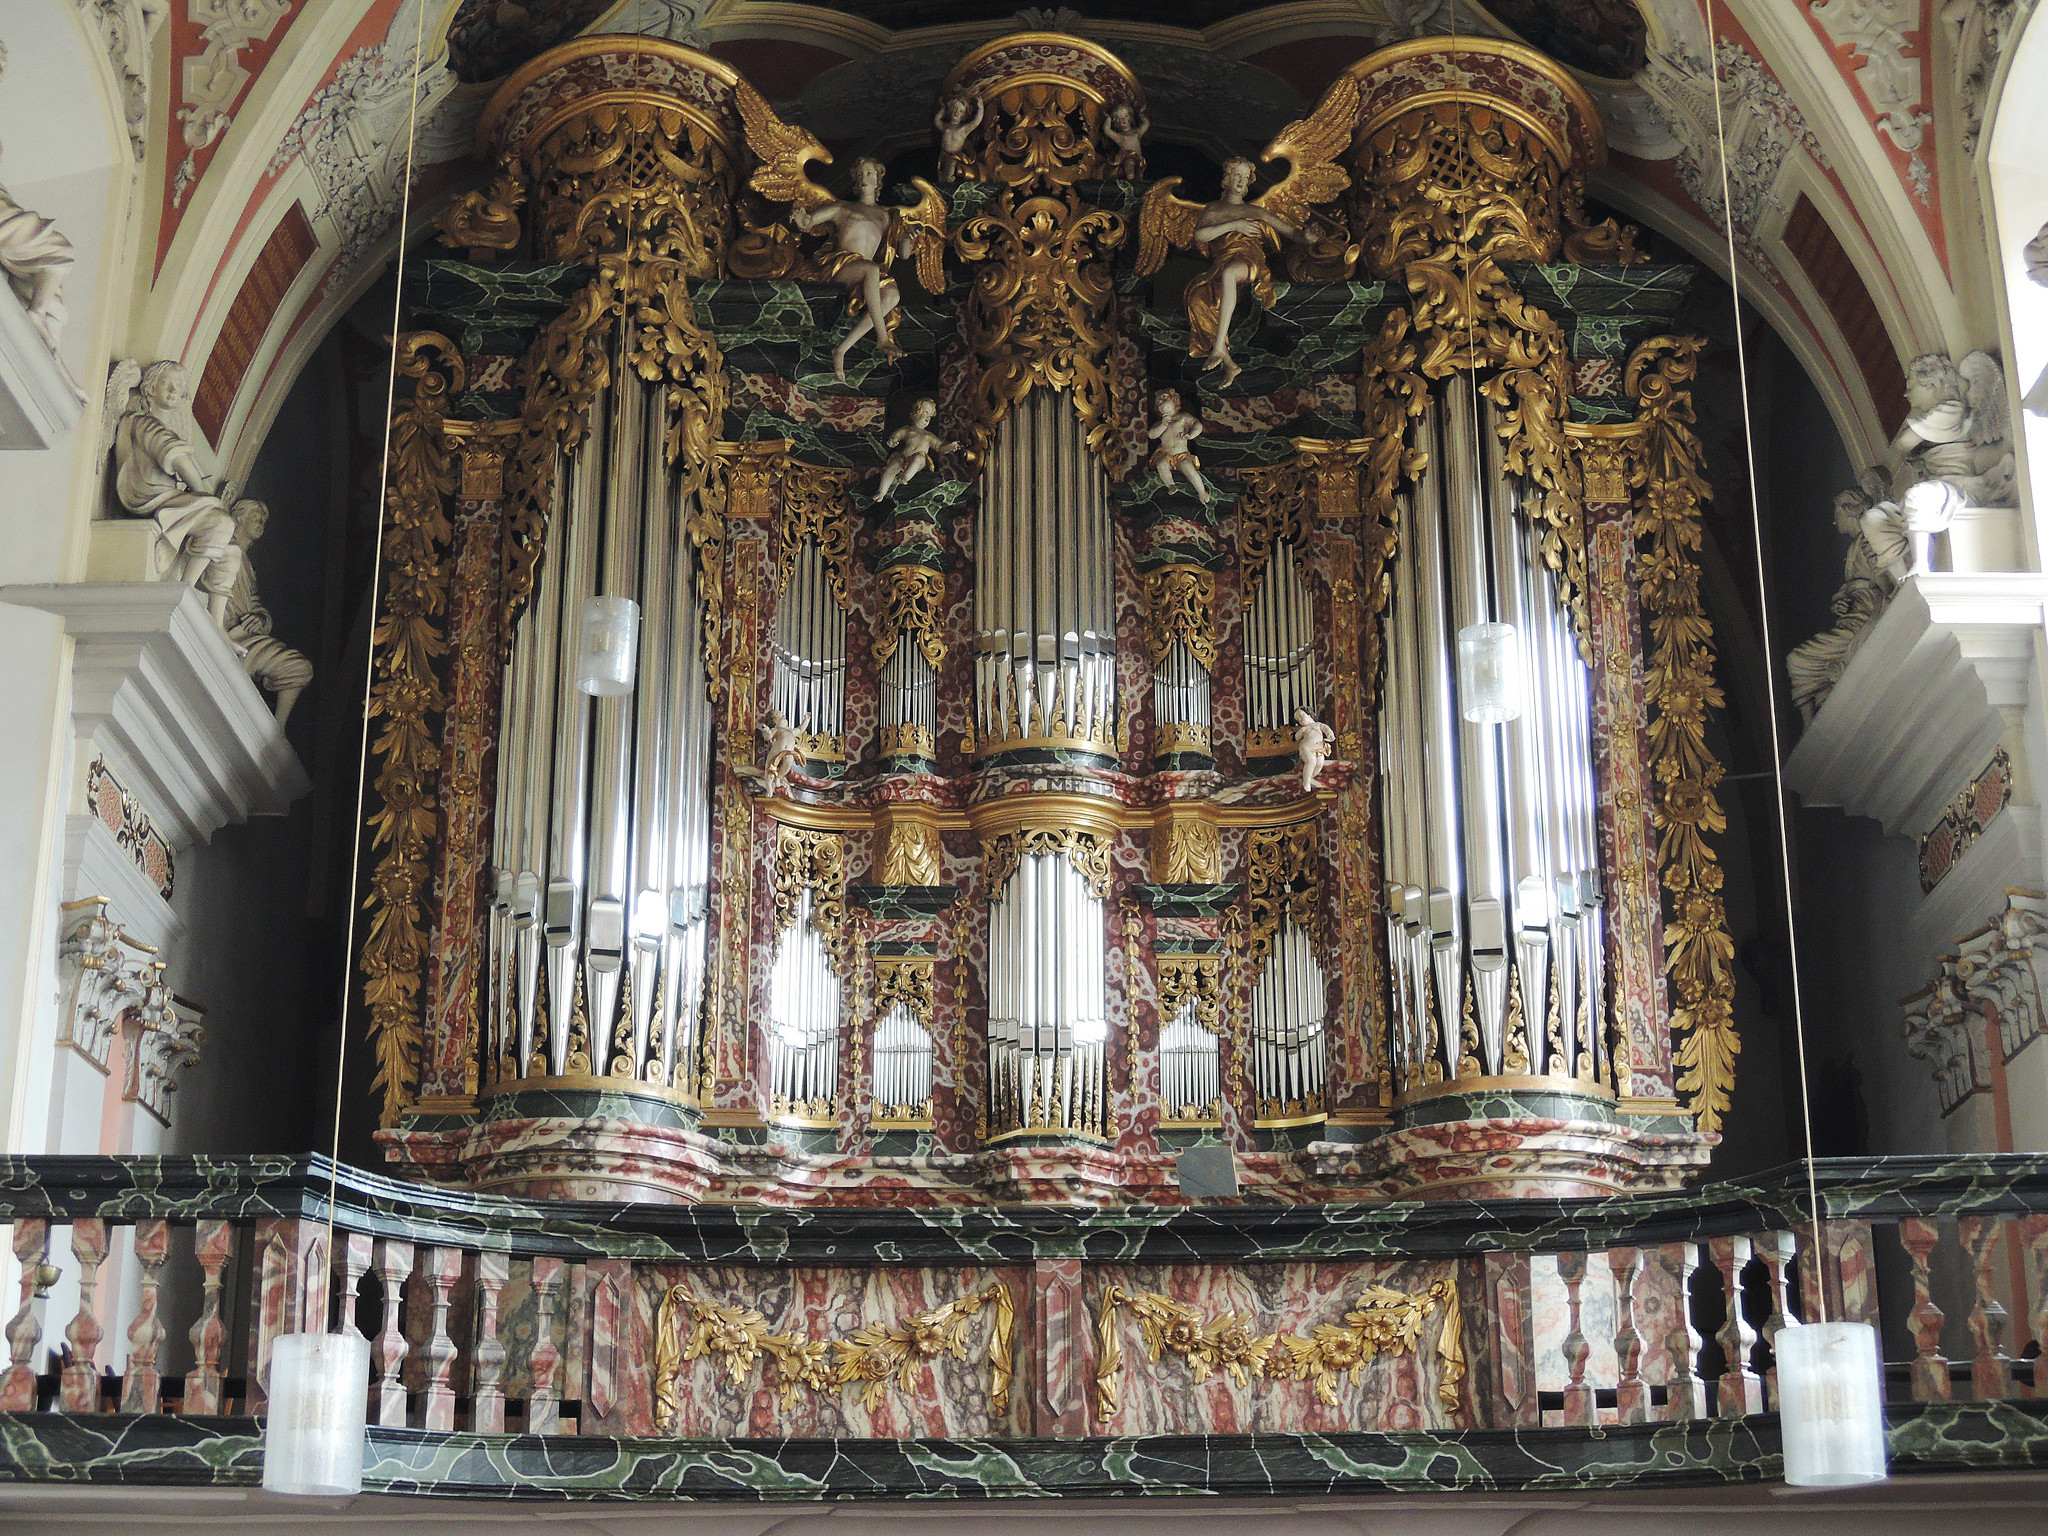 1.  Церковь Св. Крусис (Эрфурт, Германия) музыкальный инструмент, орган